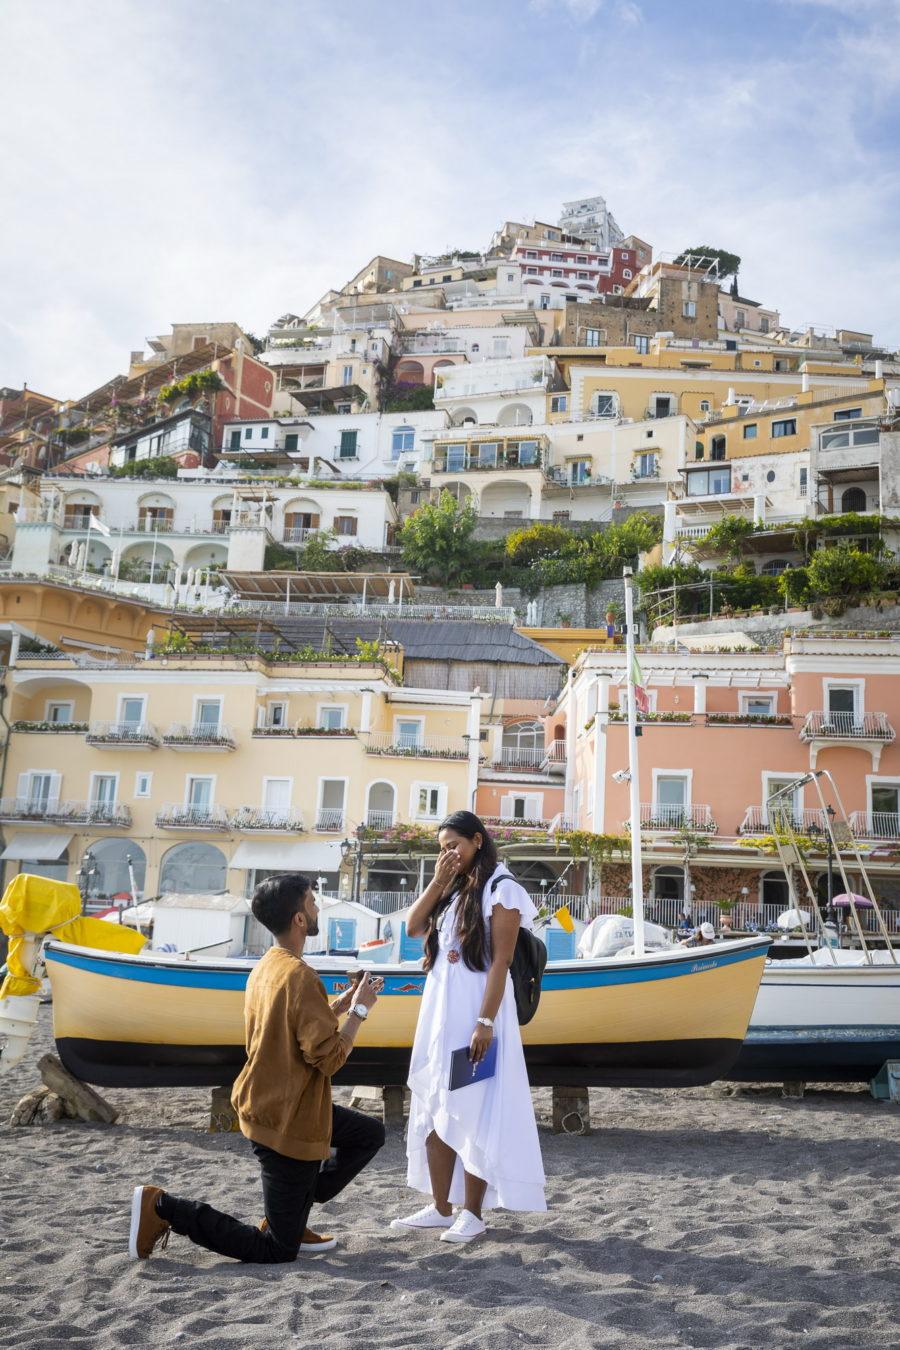 Picture-Perfect Wedding Proposal in Positano Andrea Matone03